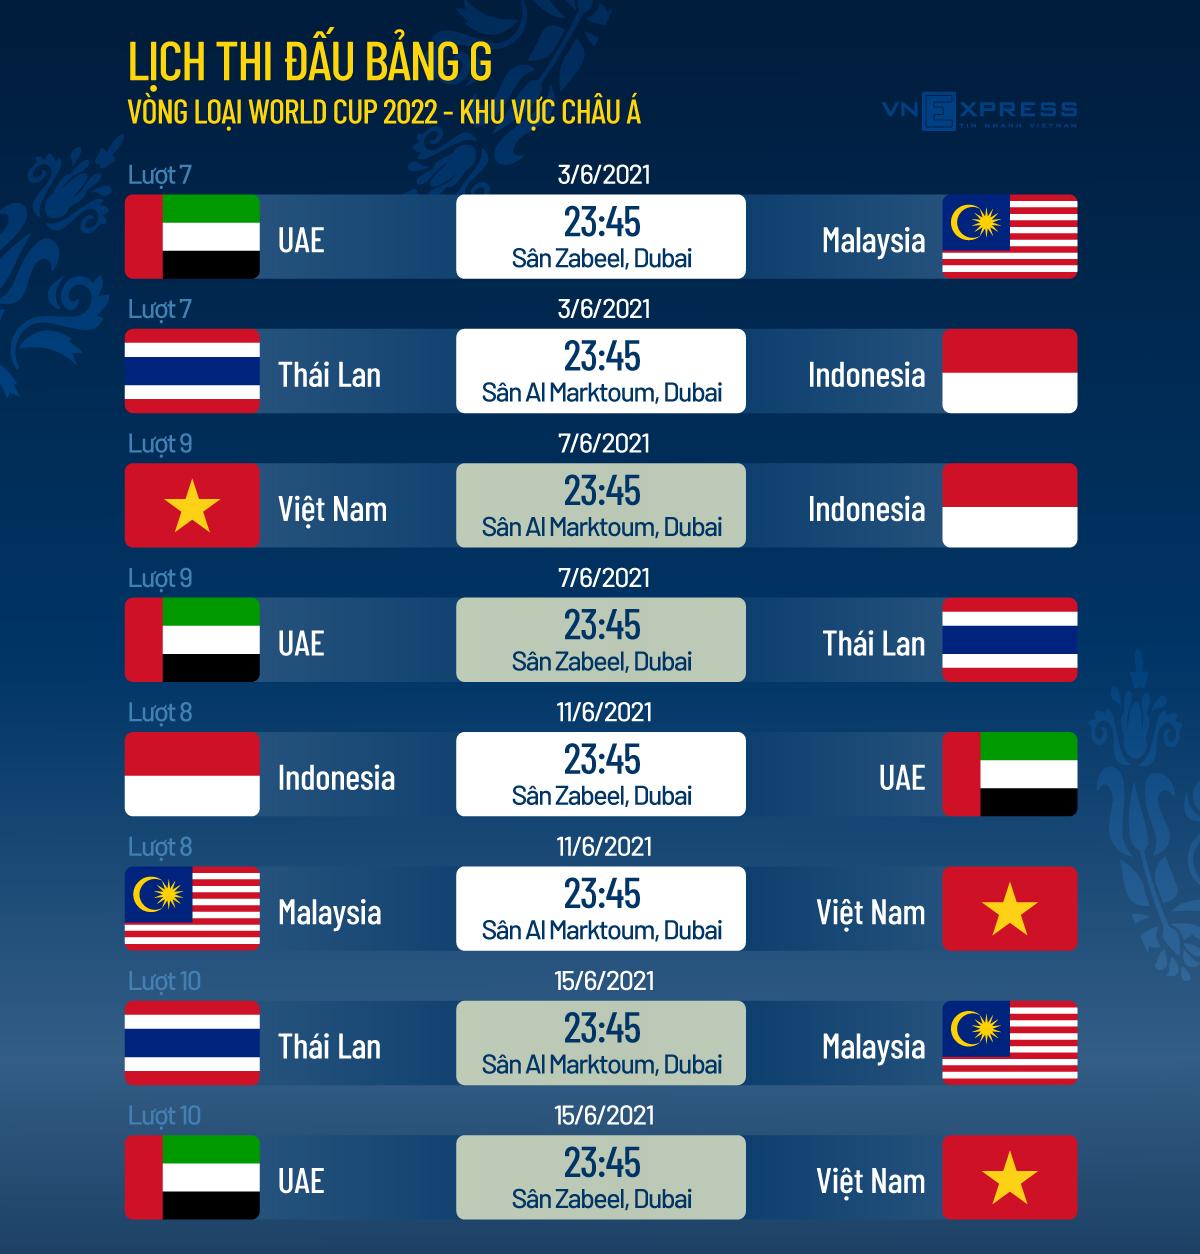 Dang Van Lam tidak menghadiri kualifikasi Piala Dunia 2022 - 1